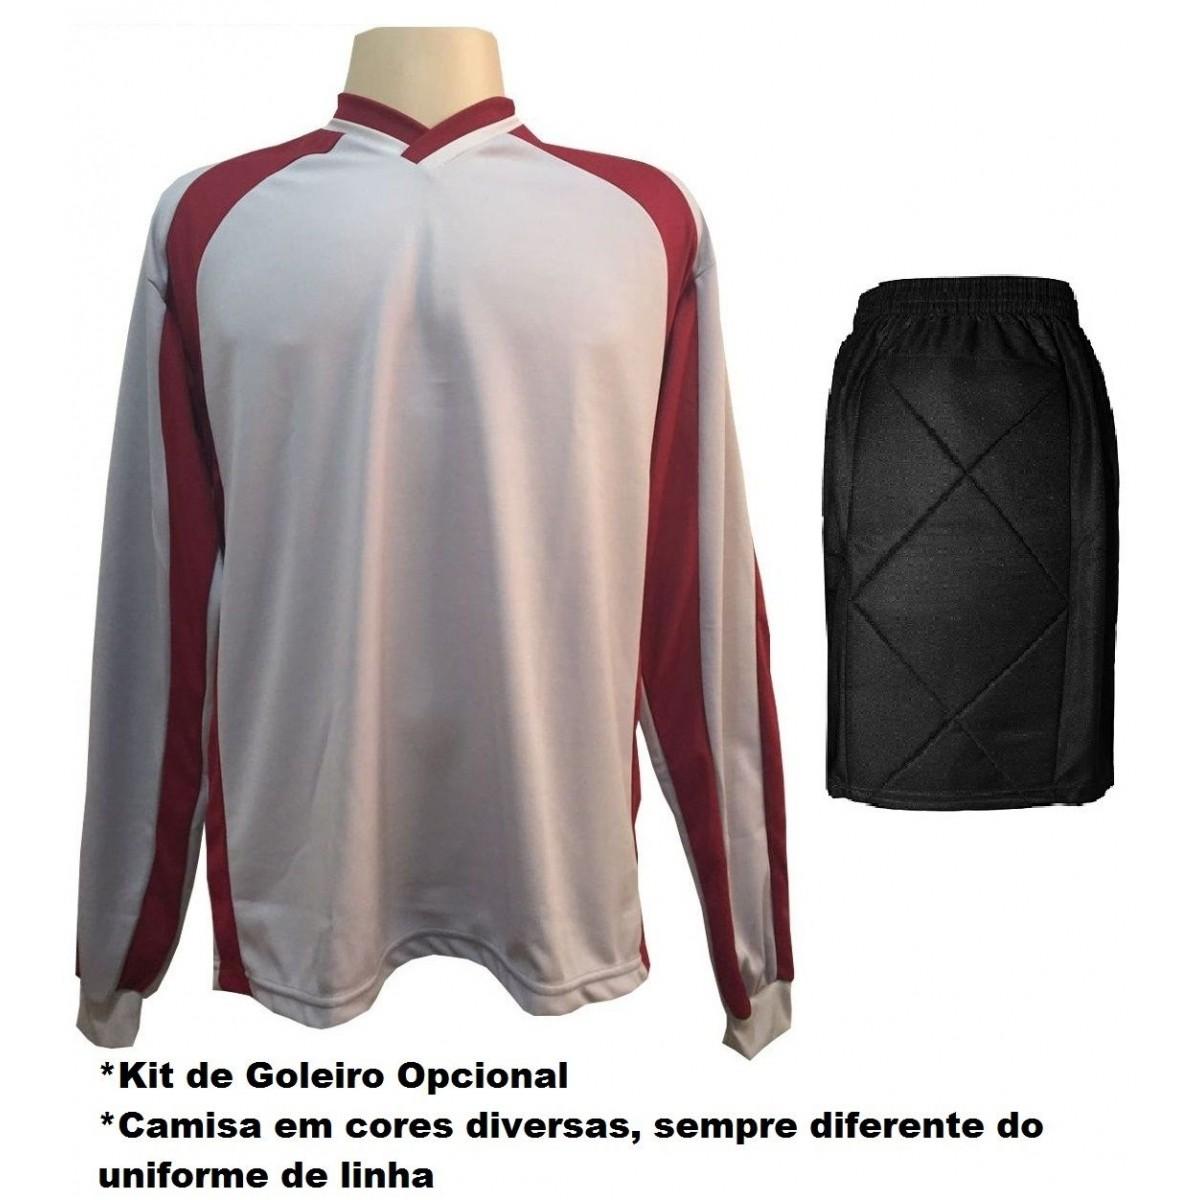 Uniforme Esportivo com 14 Camisas modelo Suécia Branco/Royal + 14 Calções modelo Copa Royal/Branco + Brindes